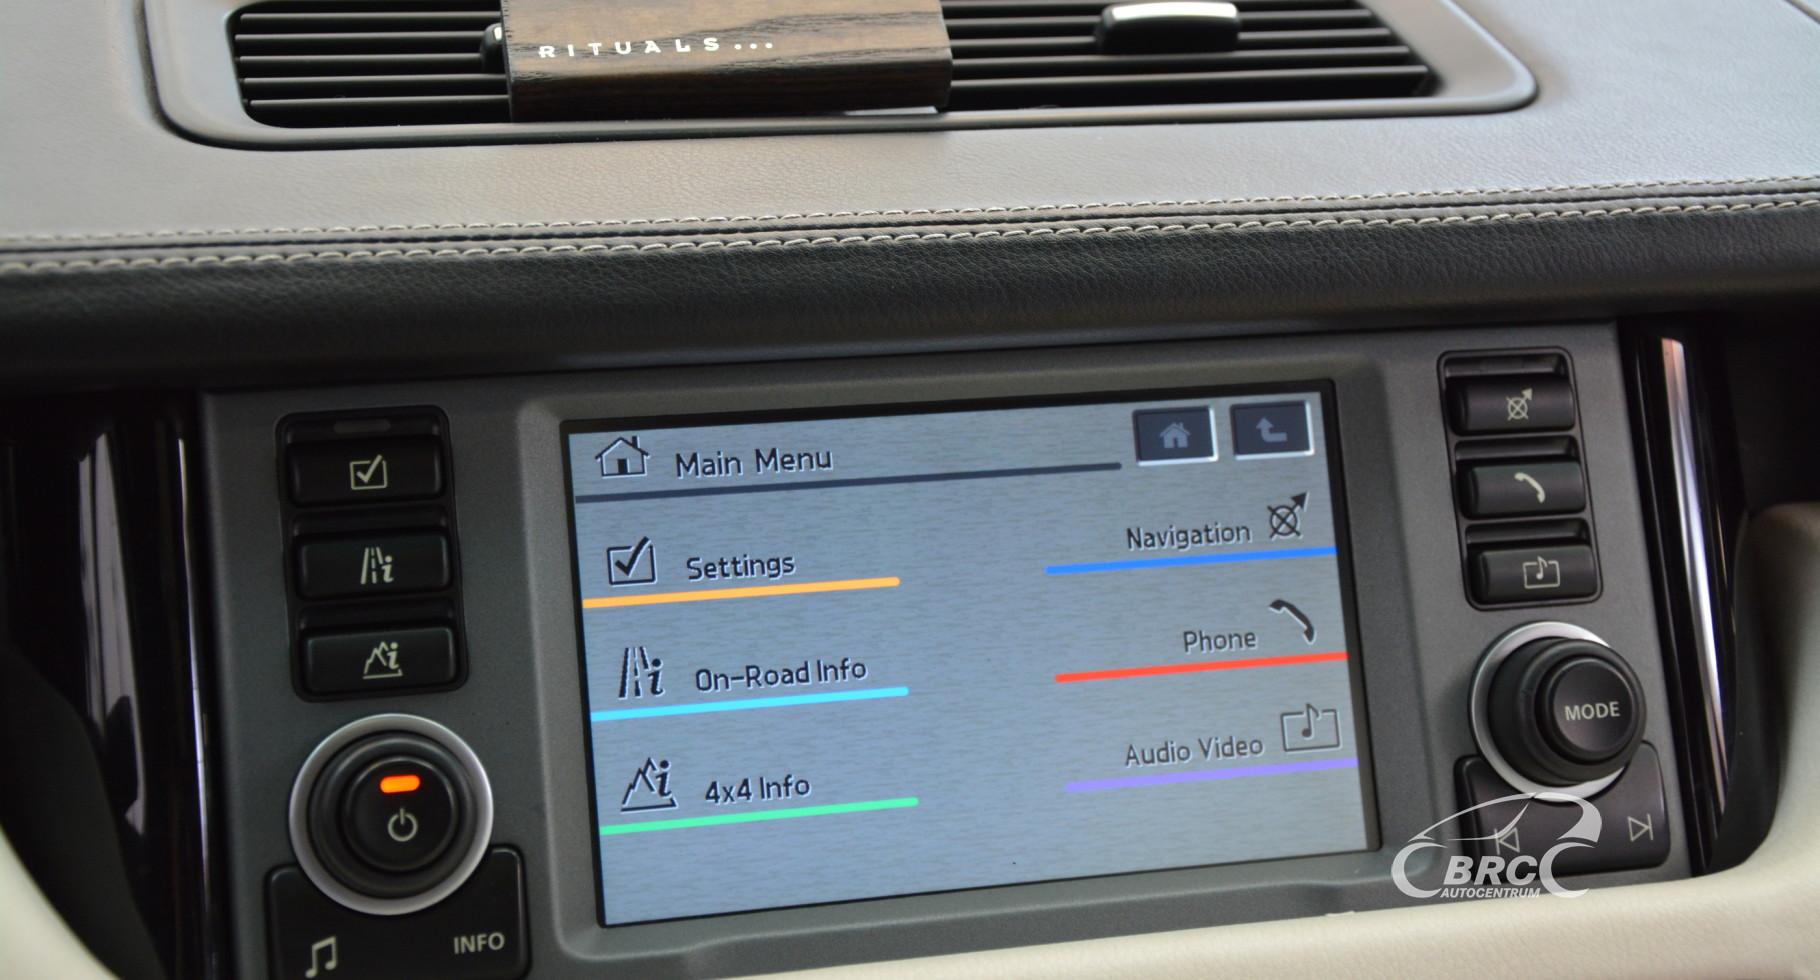 Land-Rover Range Rover 3.6 TDV8 Automatas